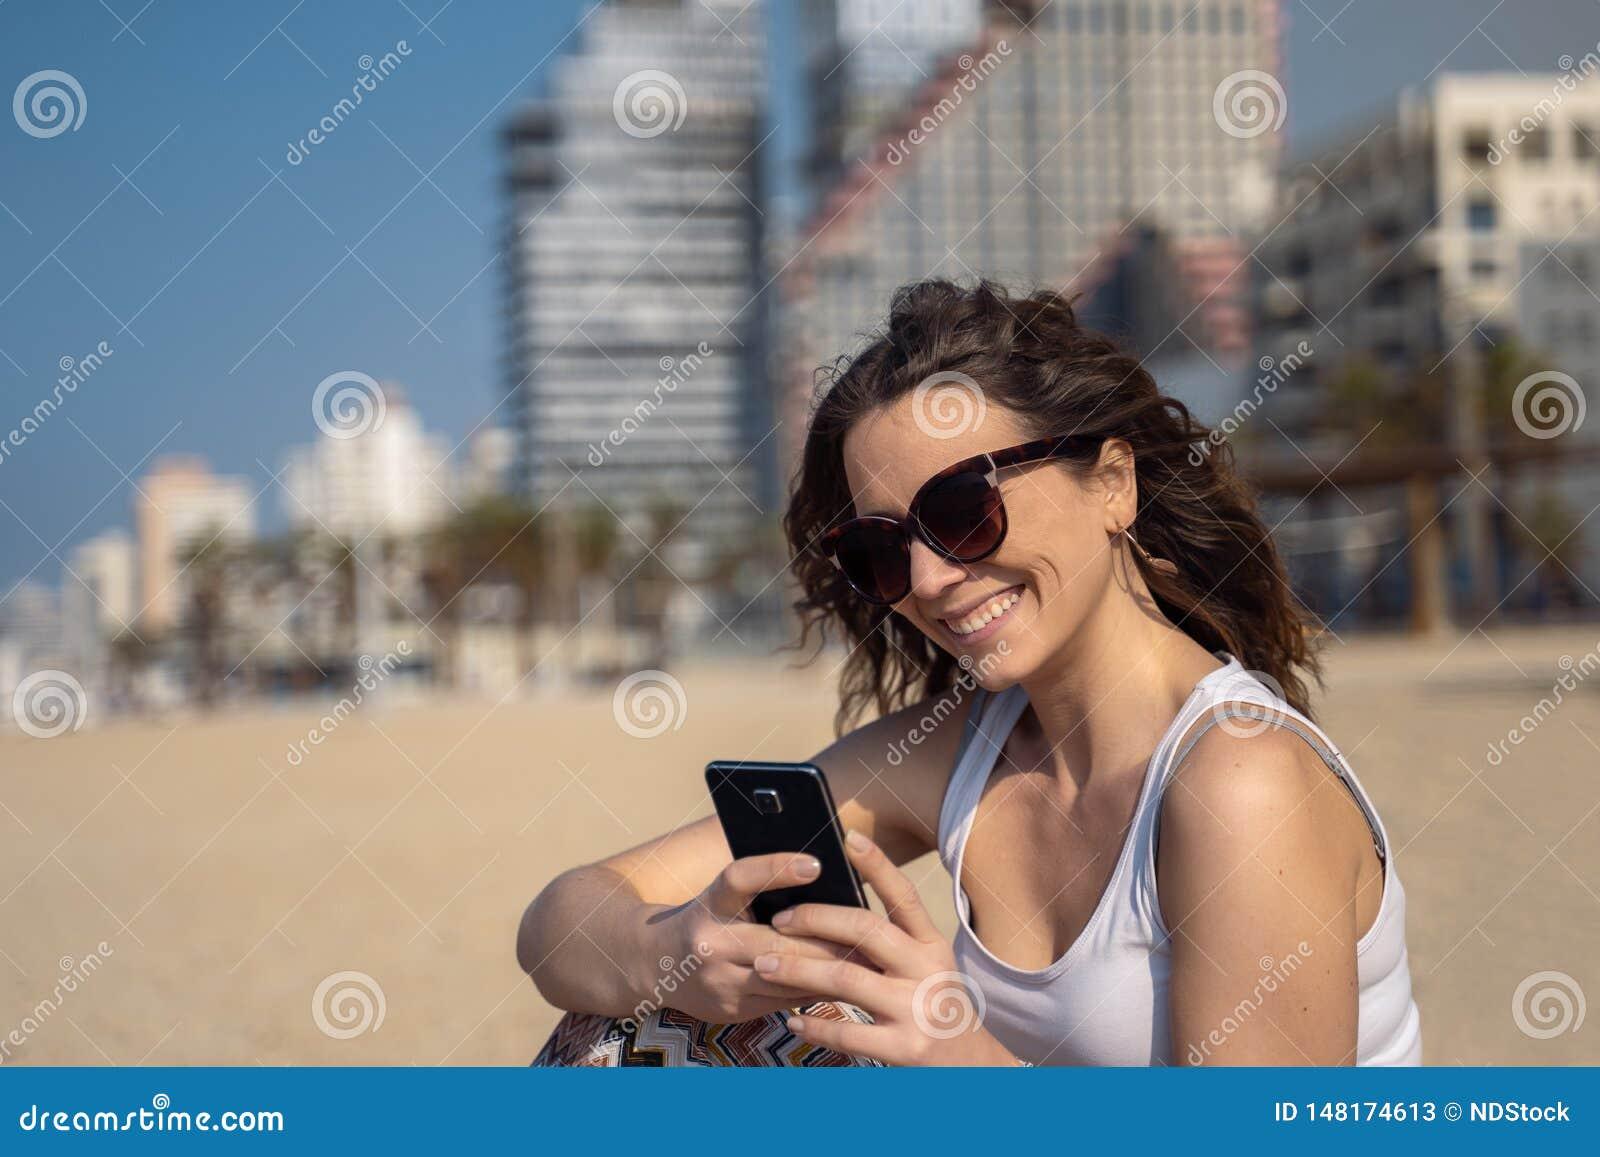 Νέα χαριτωμένη γυναίκα που χρησιμοποιεί το smartphone στην παραλία Ορίζοντας πόλεων στο υπόβαθρο